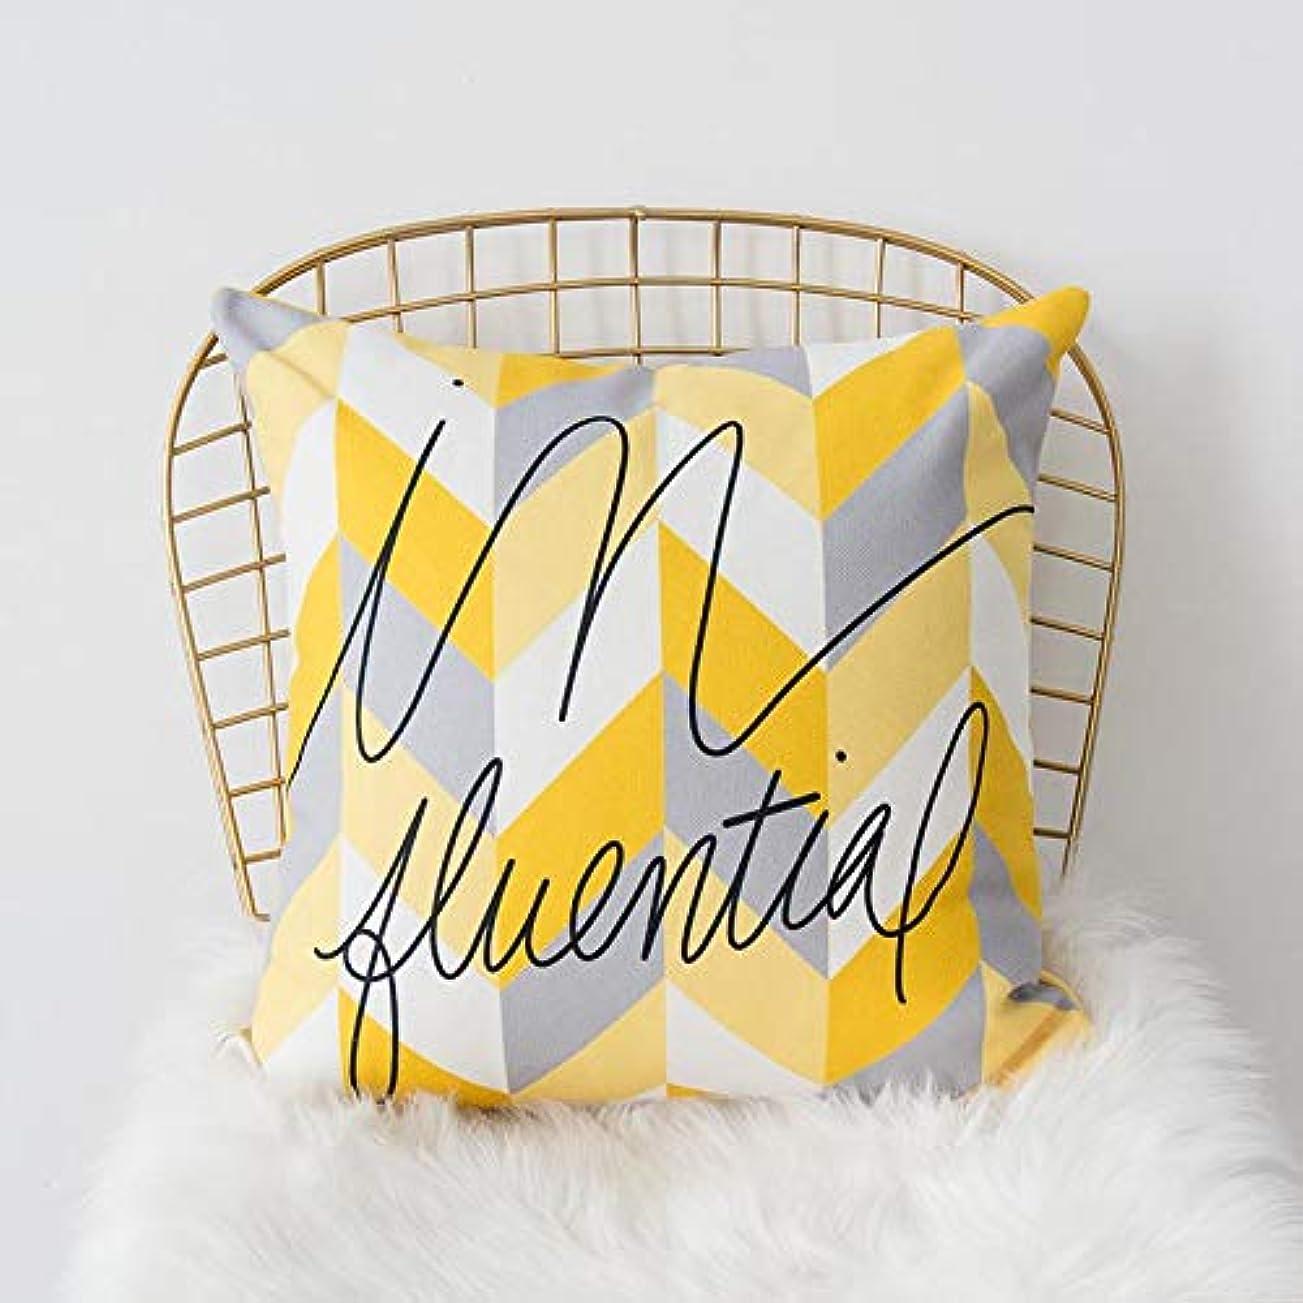 消費者モールス信号解読するLIFE 黄色グレー枕北欧スタイル黄色ヘラジカ幾何枕リビングルームのインテリアソファクッション Cojines 装飾良質 クッション 椅子